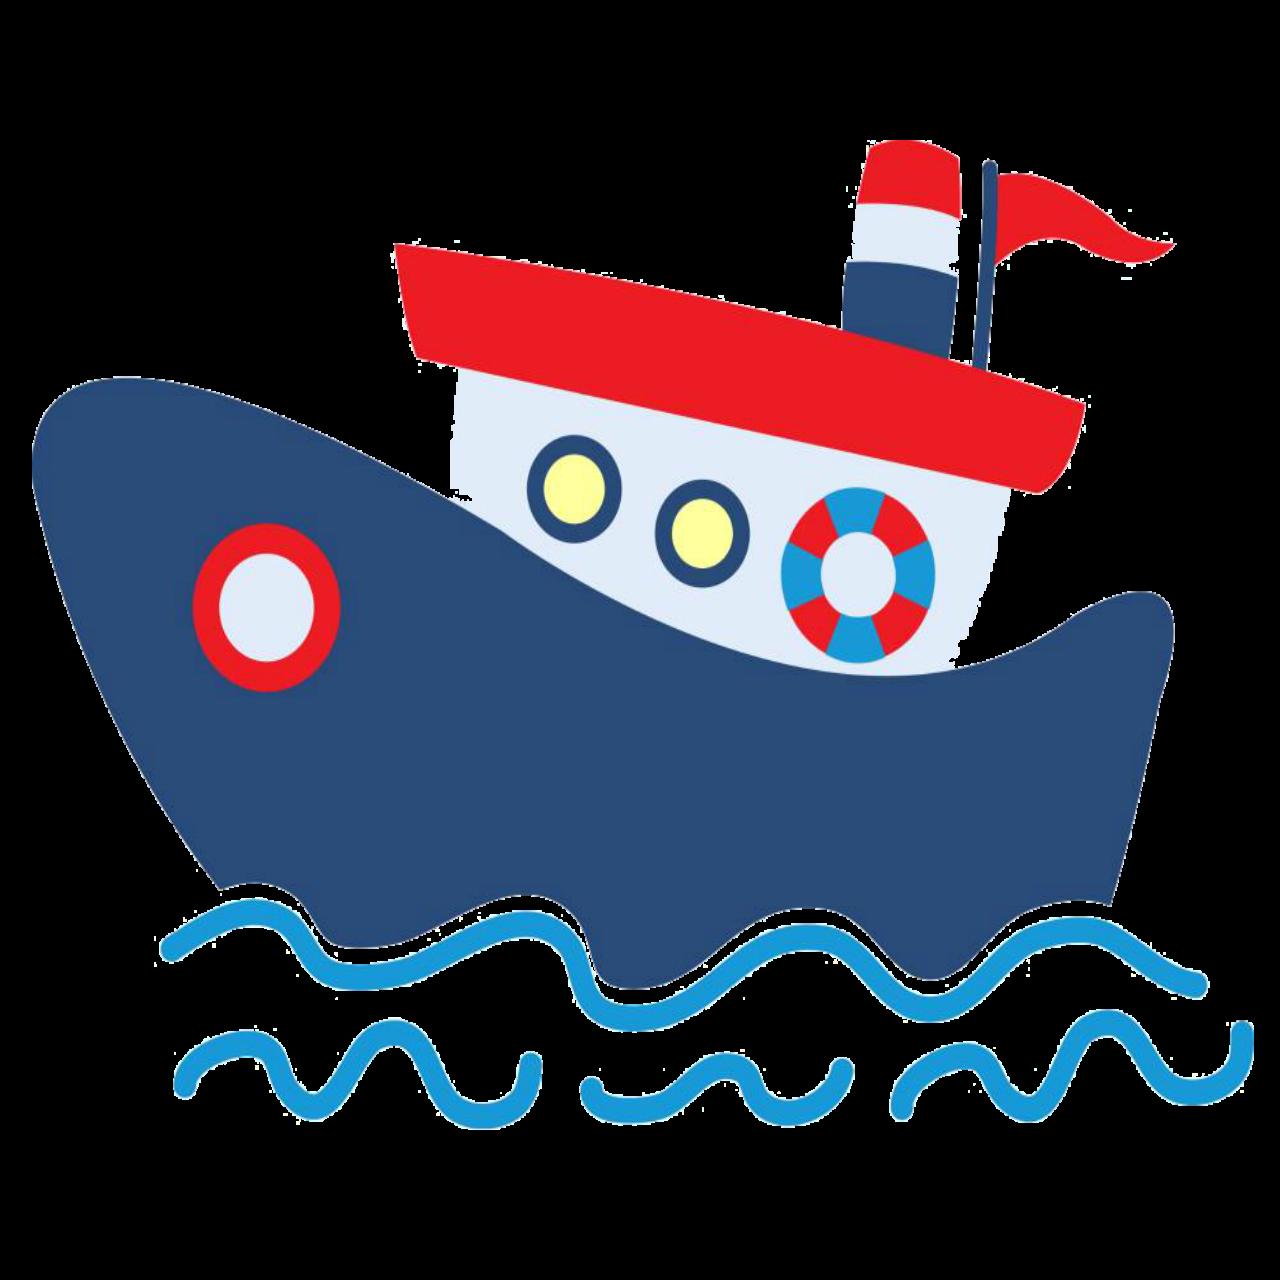 Marinero De Dibujos Animados Online Historieta De